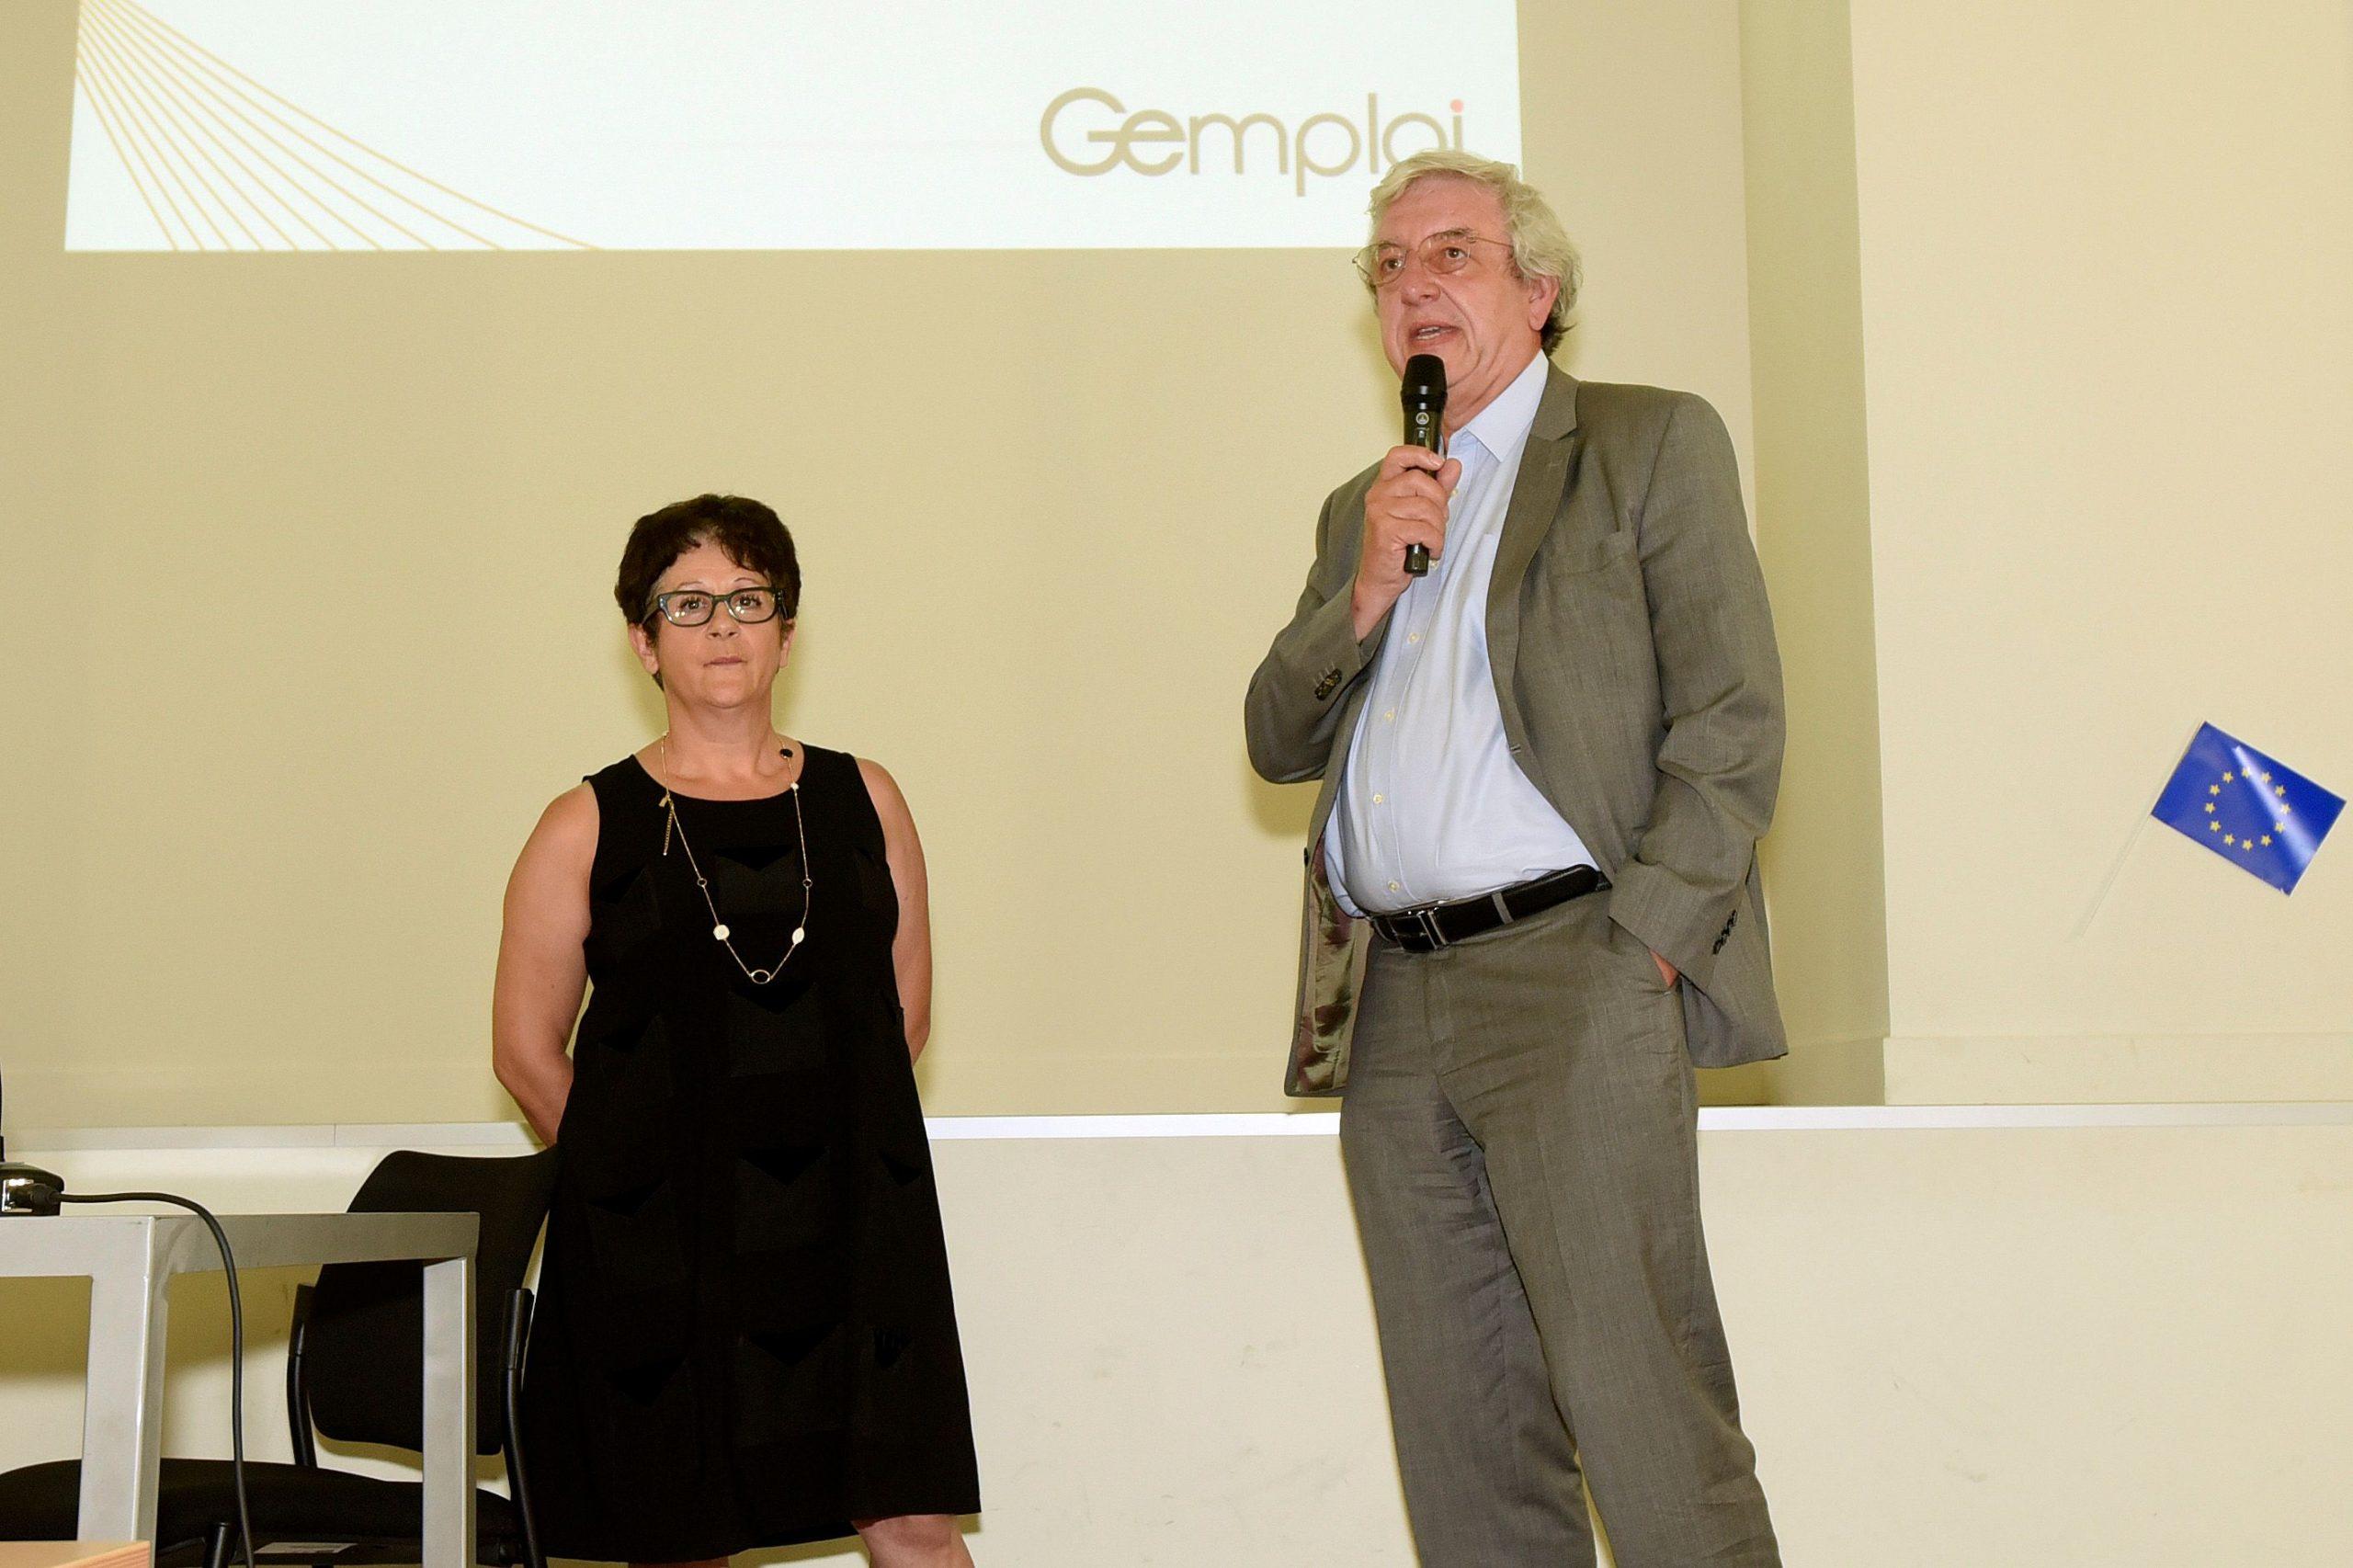 Event-Gemploi remporte le trophee du temps partage dans la categorie Groupements d'employeurs 3